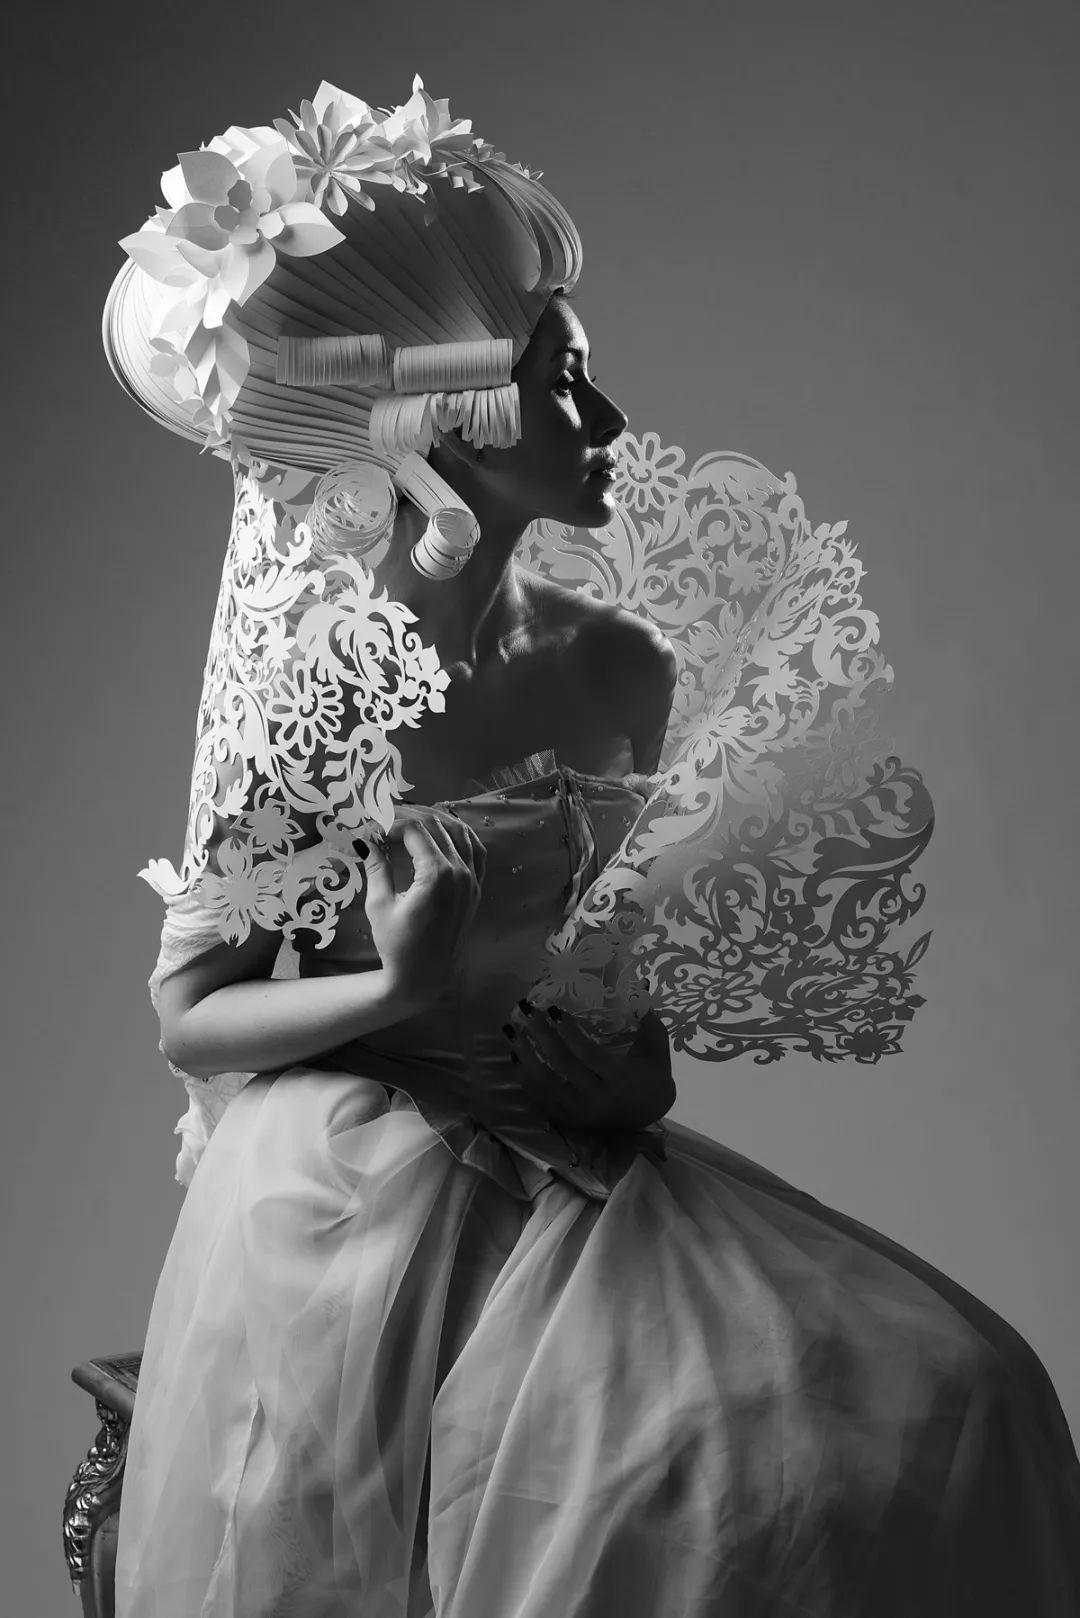 转载:她把一张普通的纸,做成华美的婚纱礼服,惊叹无数人!